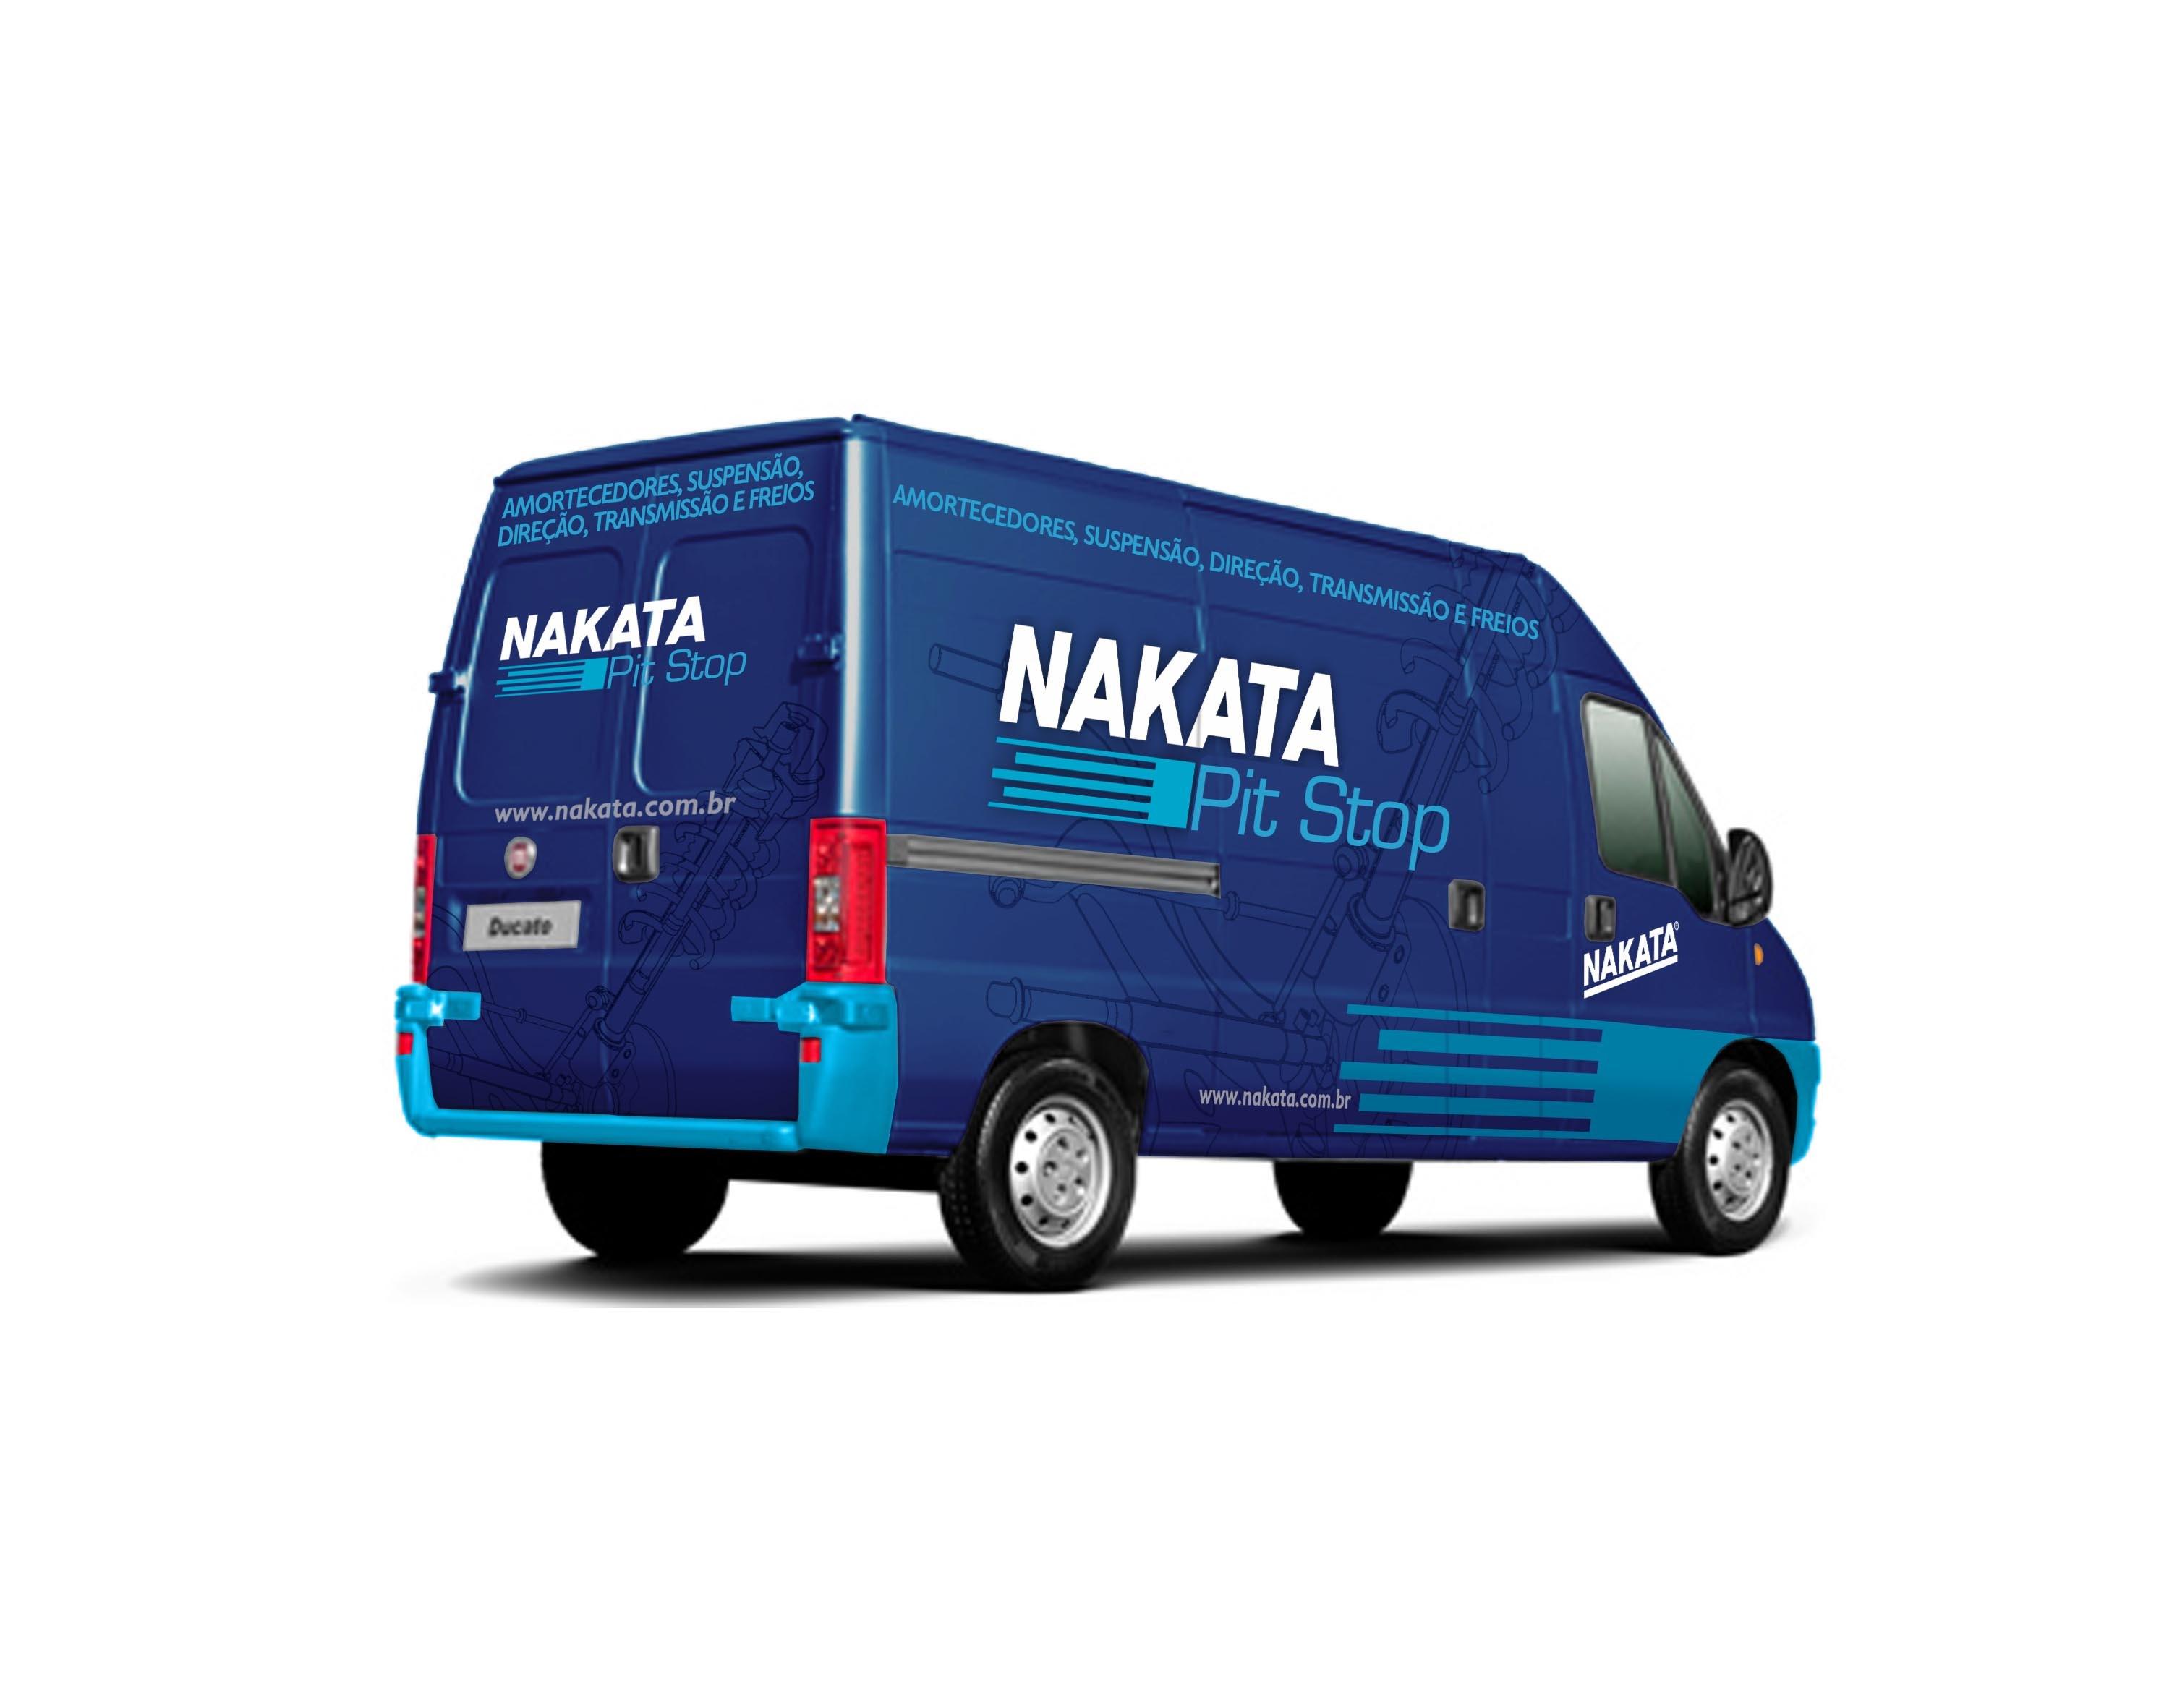 Nakata promove avaliação gratuita de amortecedores